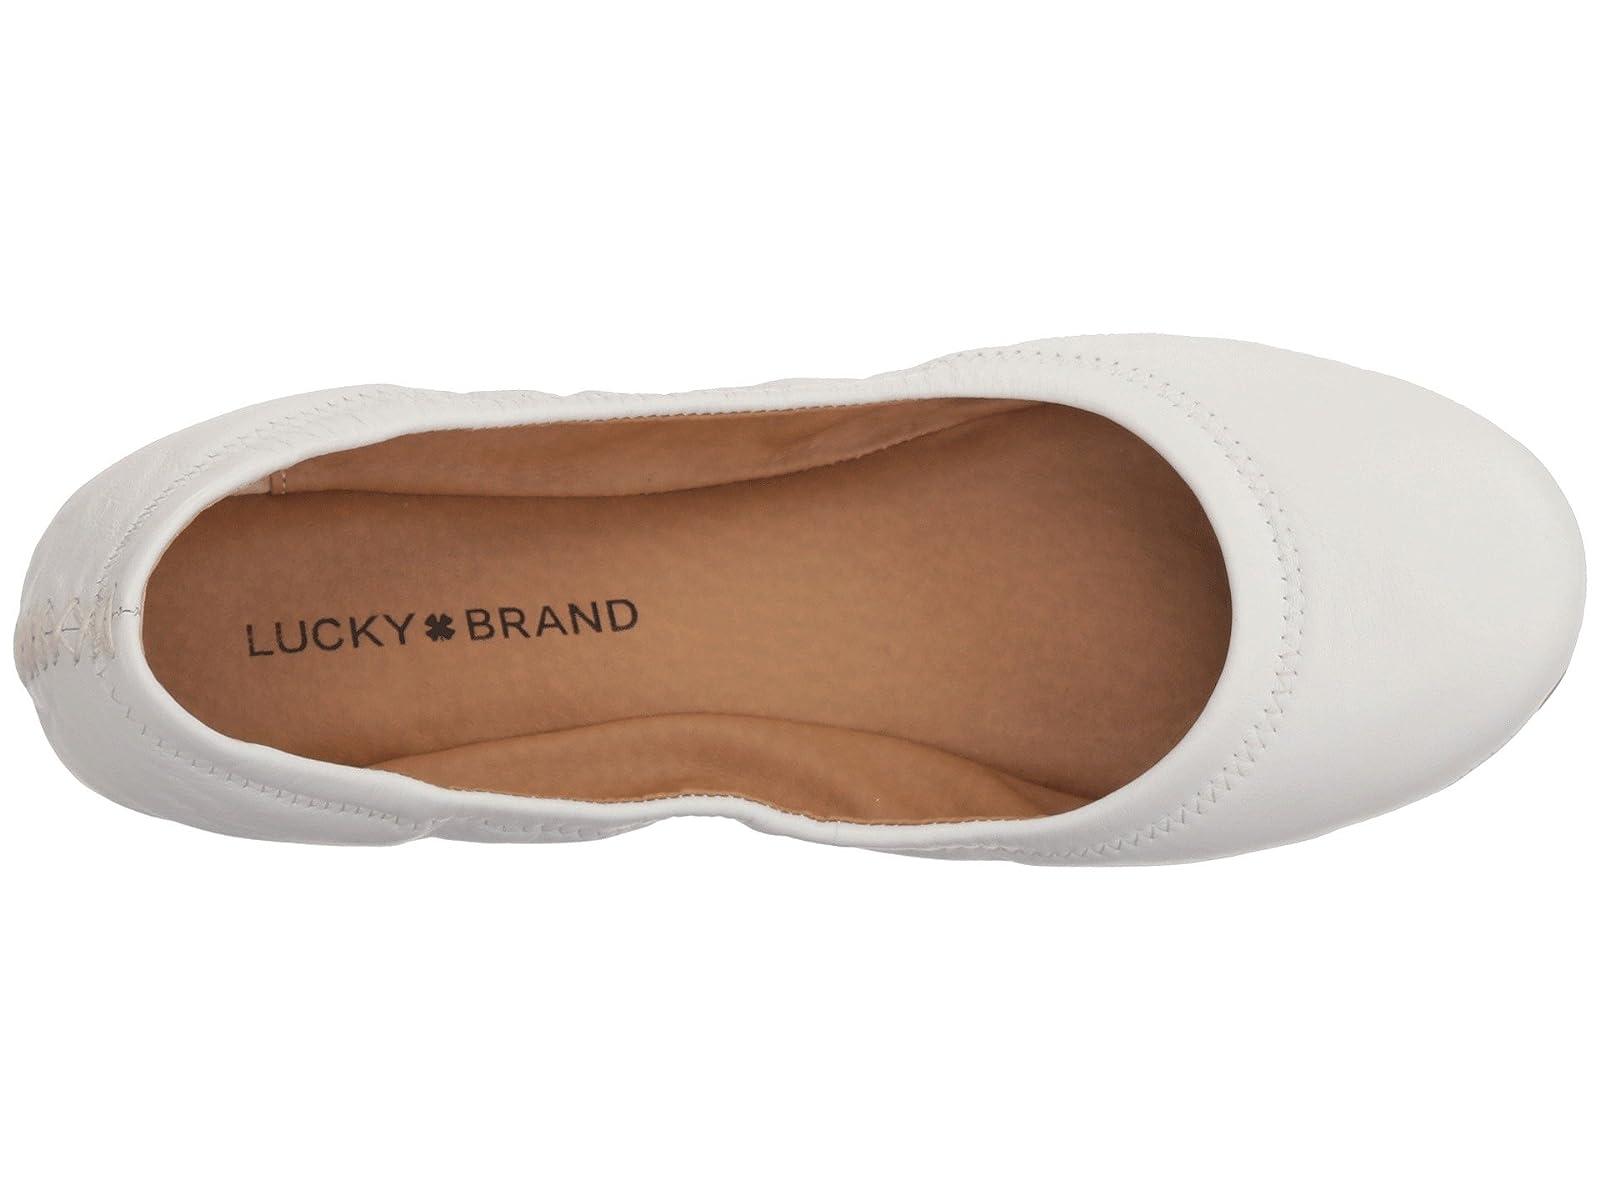 Gentlemen/Ladies Gentleman/Lady Lucky Brand Brand Brand Emmie  Unusual  Quality First c2806f